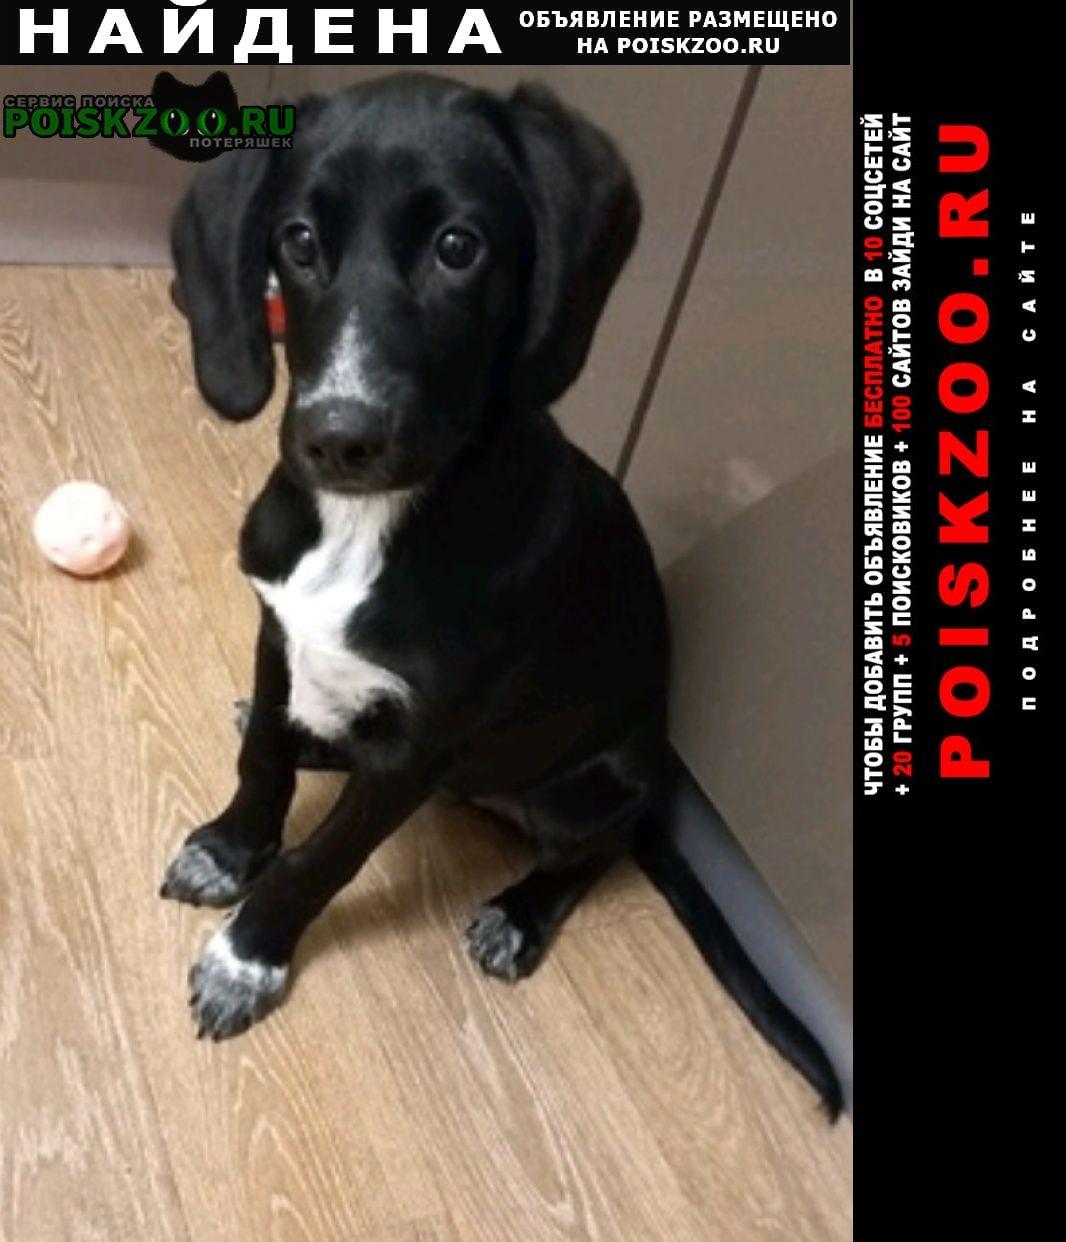 Найдена собака щенок 4-5 месяцев Тюмень